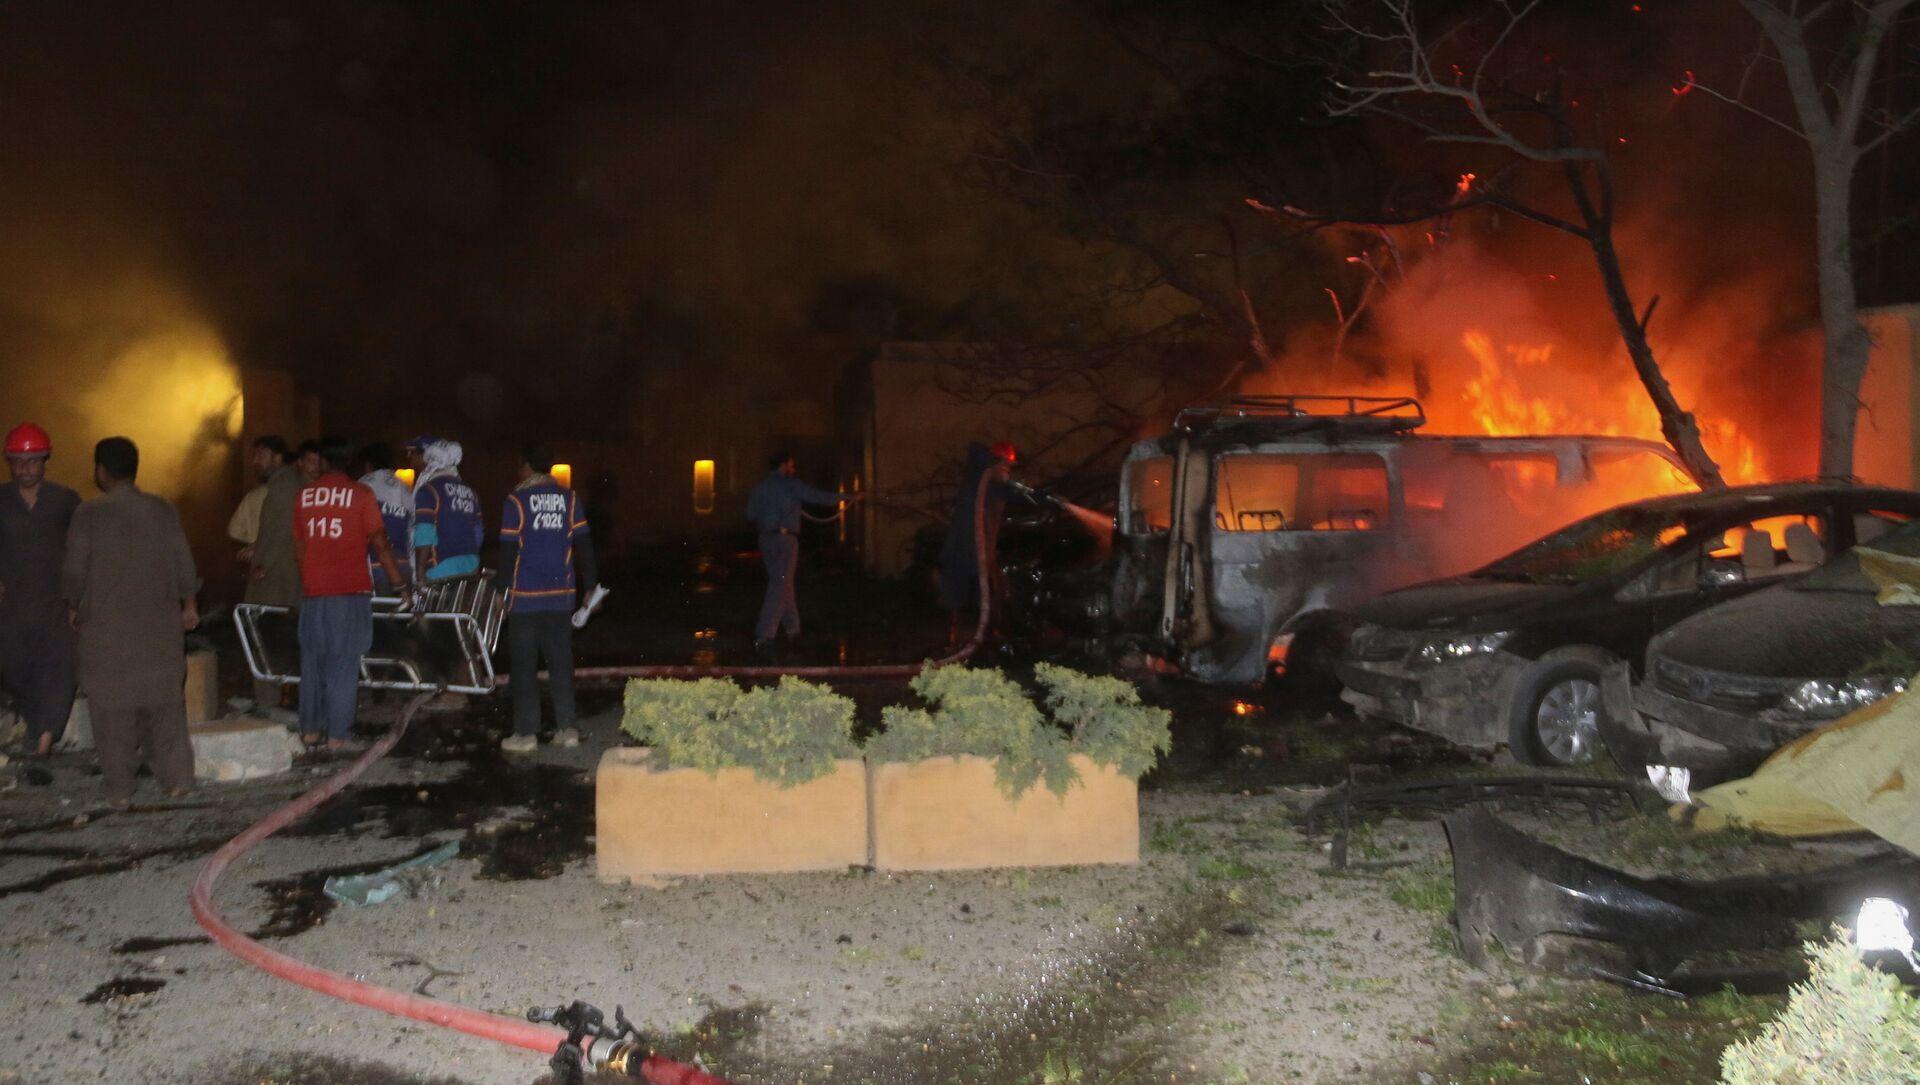 Pakistan'ın Belucistan eyaletinin Ketta şehrinde bir otelin otoparkında meydana gelen patlamada, ilk belirlemelere göre aralarında bir polisin de bulunduğu 4 kişi öldü, 12 kişi yaralandı. - Sputnik Türkiye, 1920, 21.04.2021